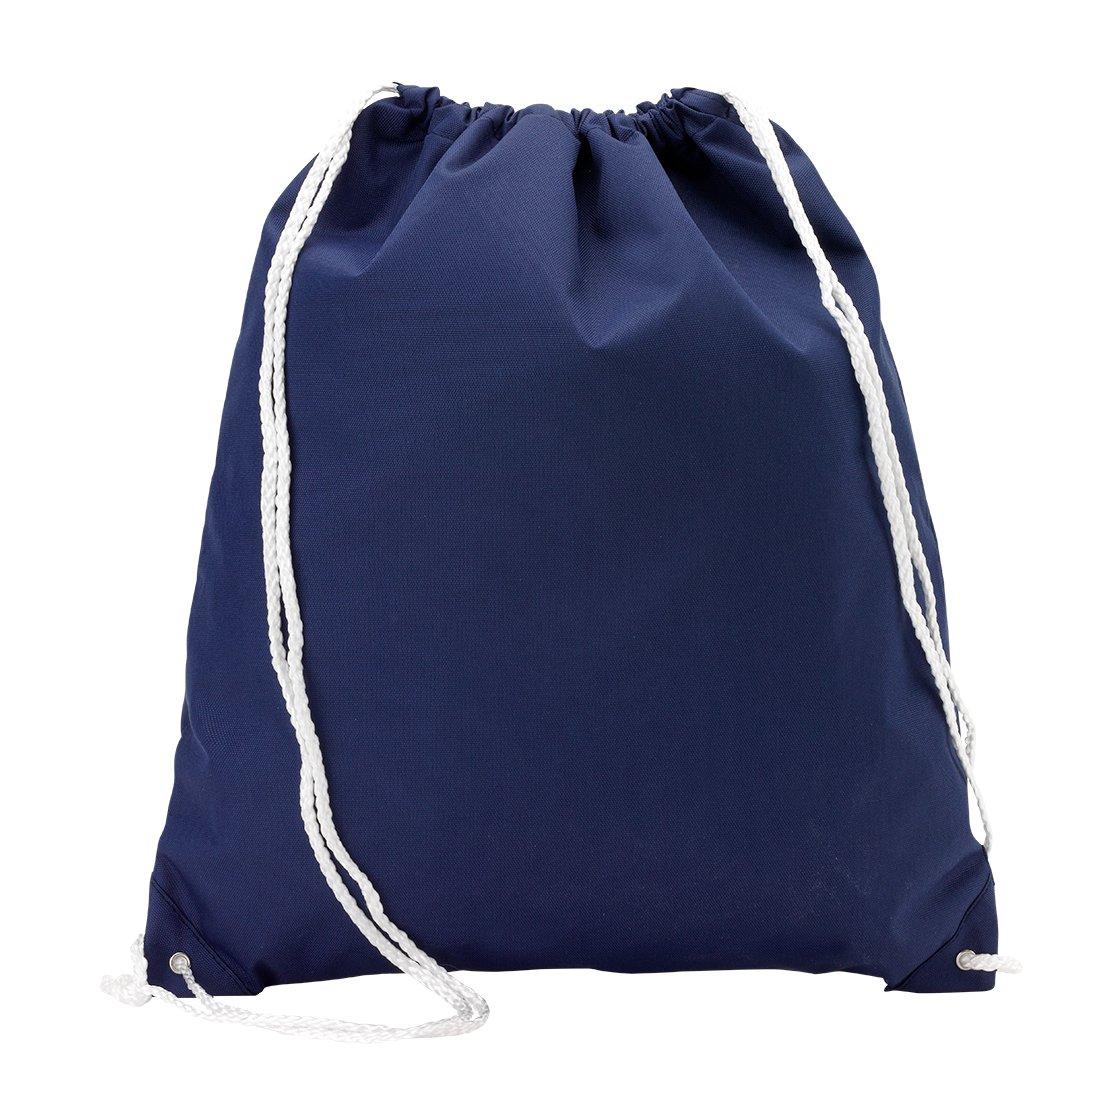 卸売ブティックバックパックスタイル巾着フィットネスバッグピュア*ブルー